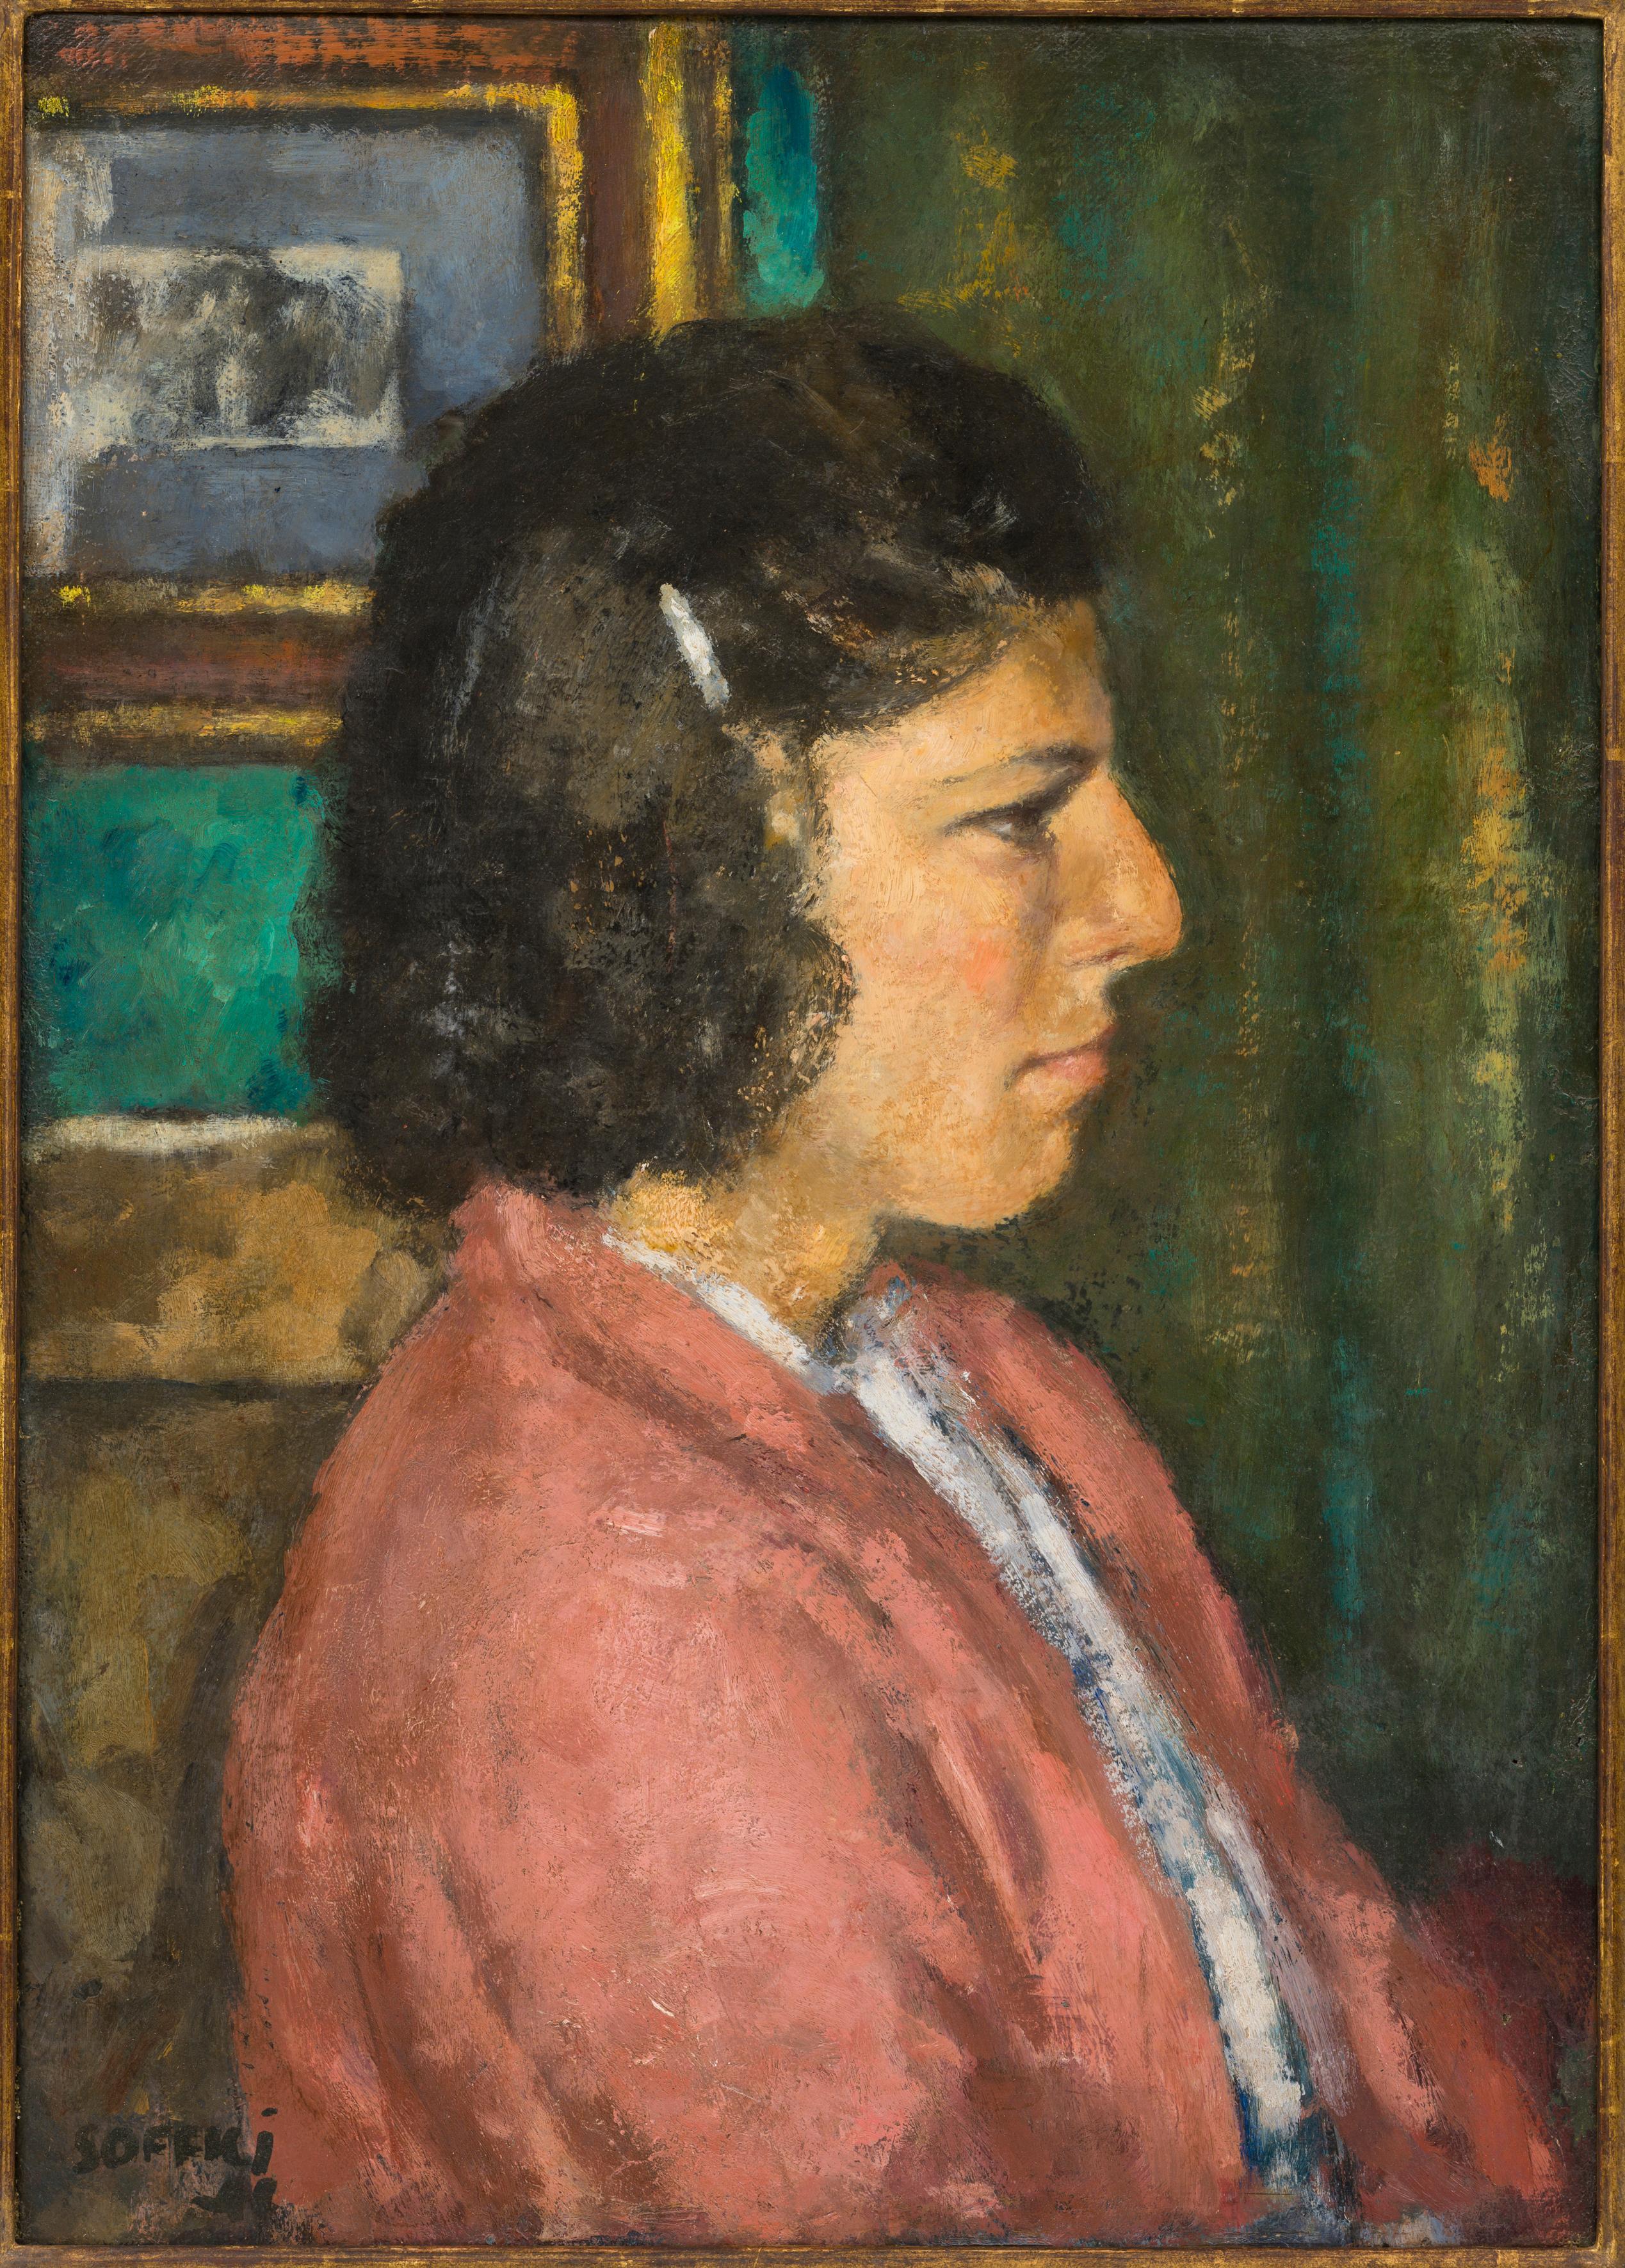 Lidia, Ardengo Soffici, 1941 (20th Century Portrait of a Woman)